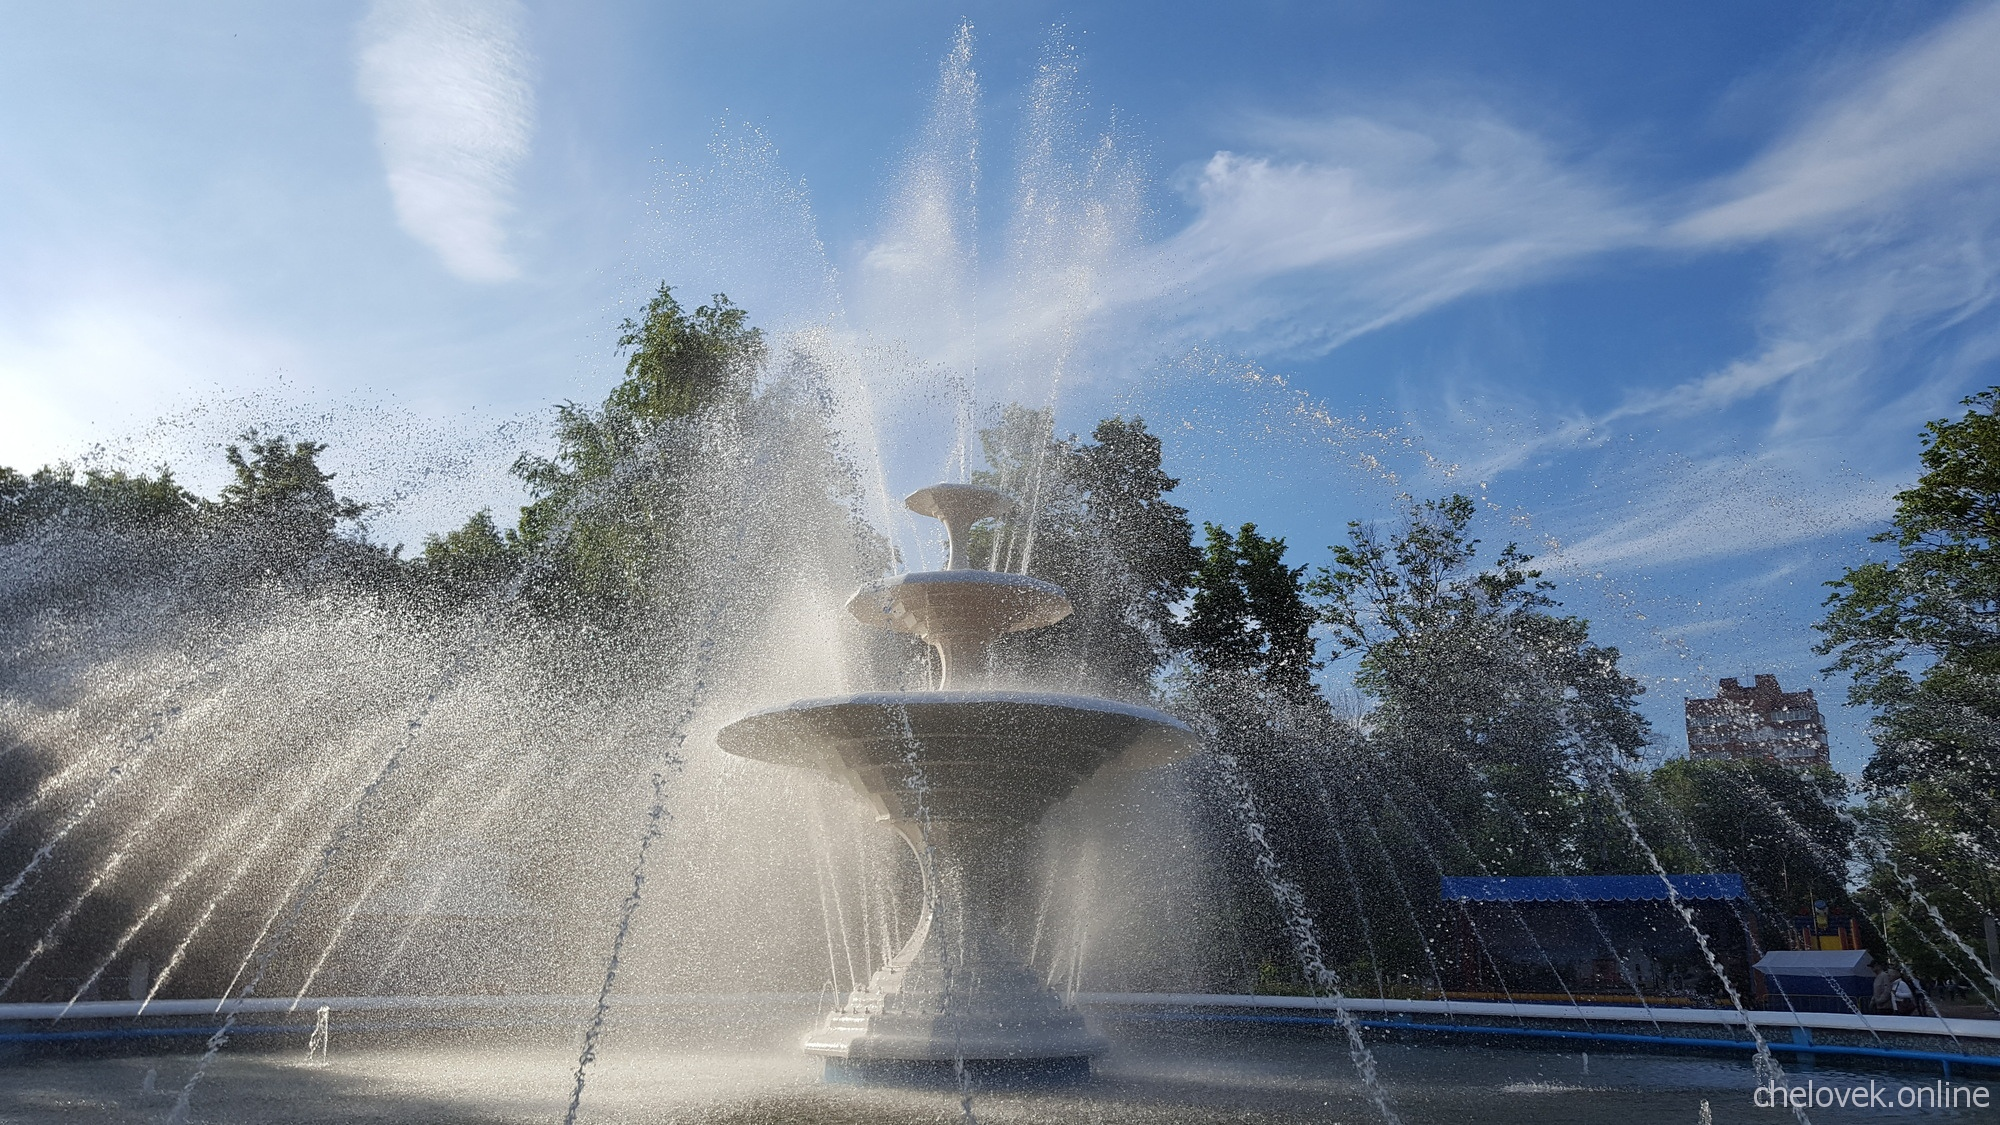 Фонтан в Центральном парке культуры и отдыха Автозаводского района города Нижнего Новгорода